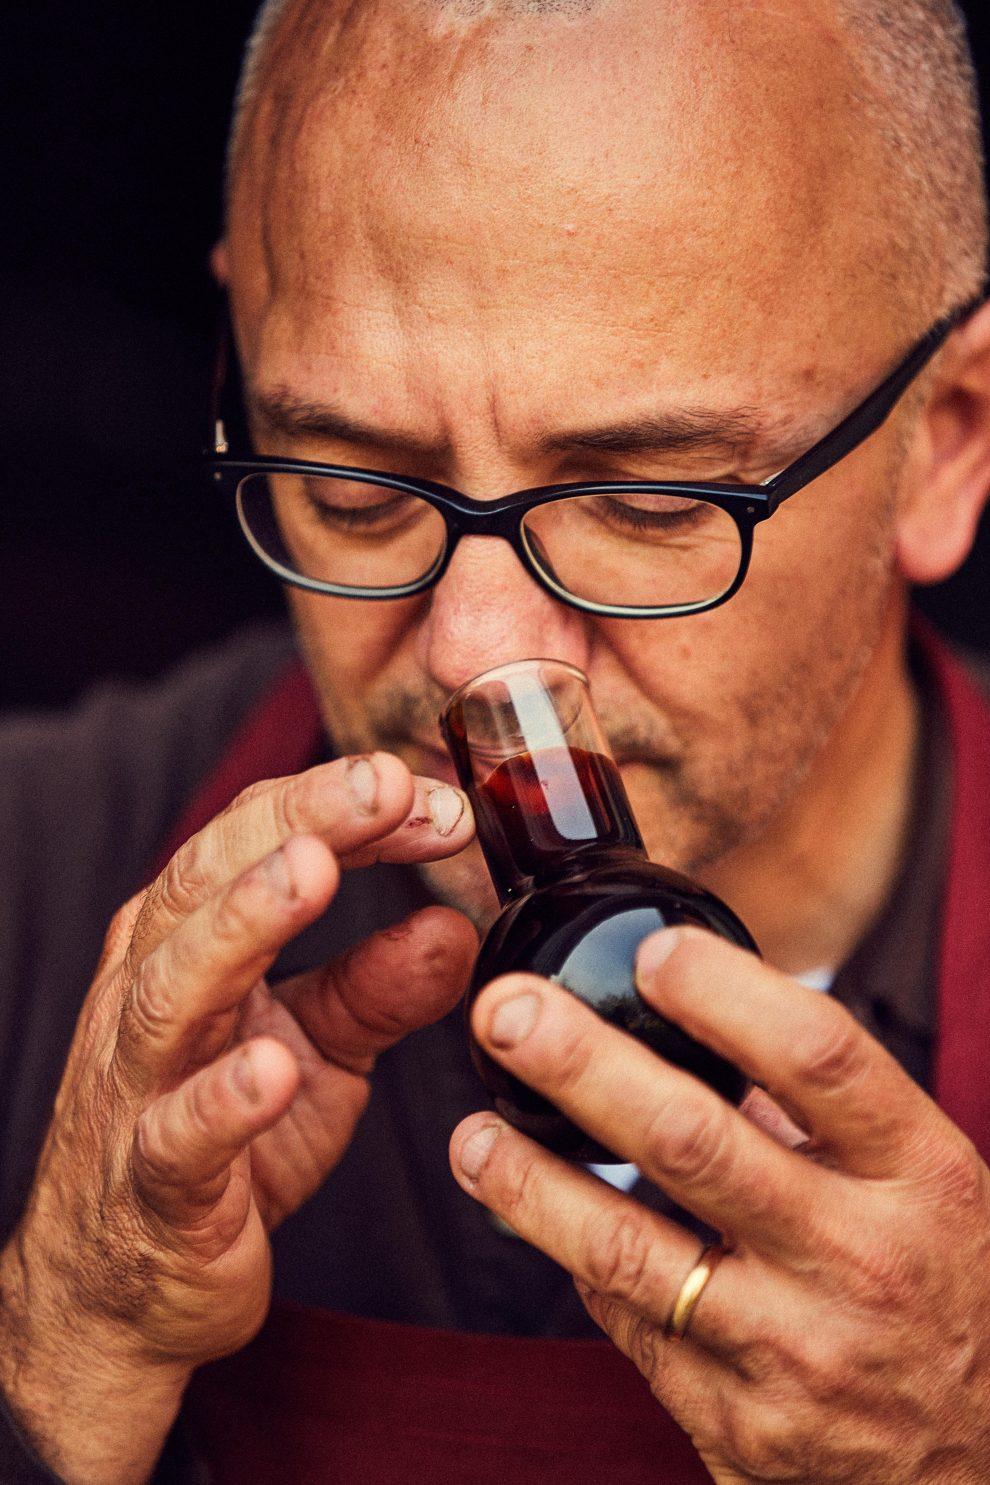 Il profumo, infine, è l'indicatore per eccellenza per distinguere la qualità dell'aceto. Agre e dolce, contiene tutti i segreti dell'invecchiamento.